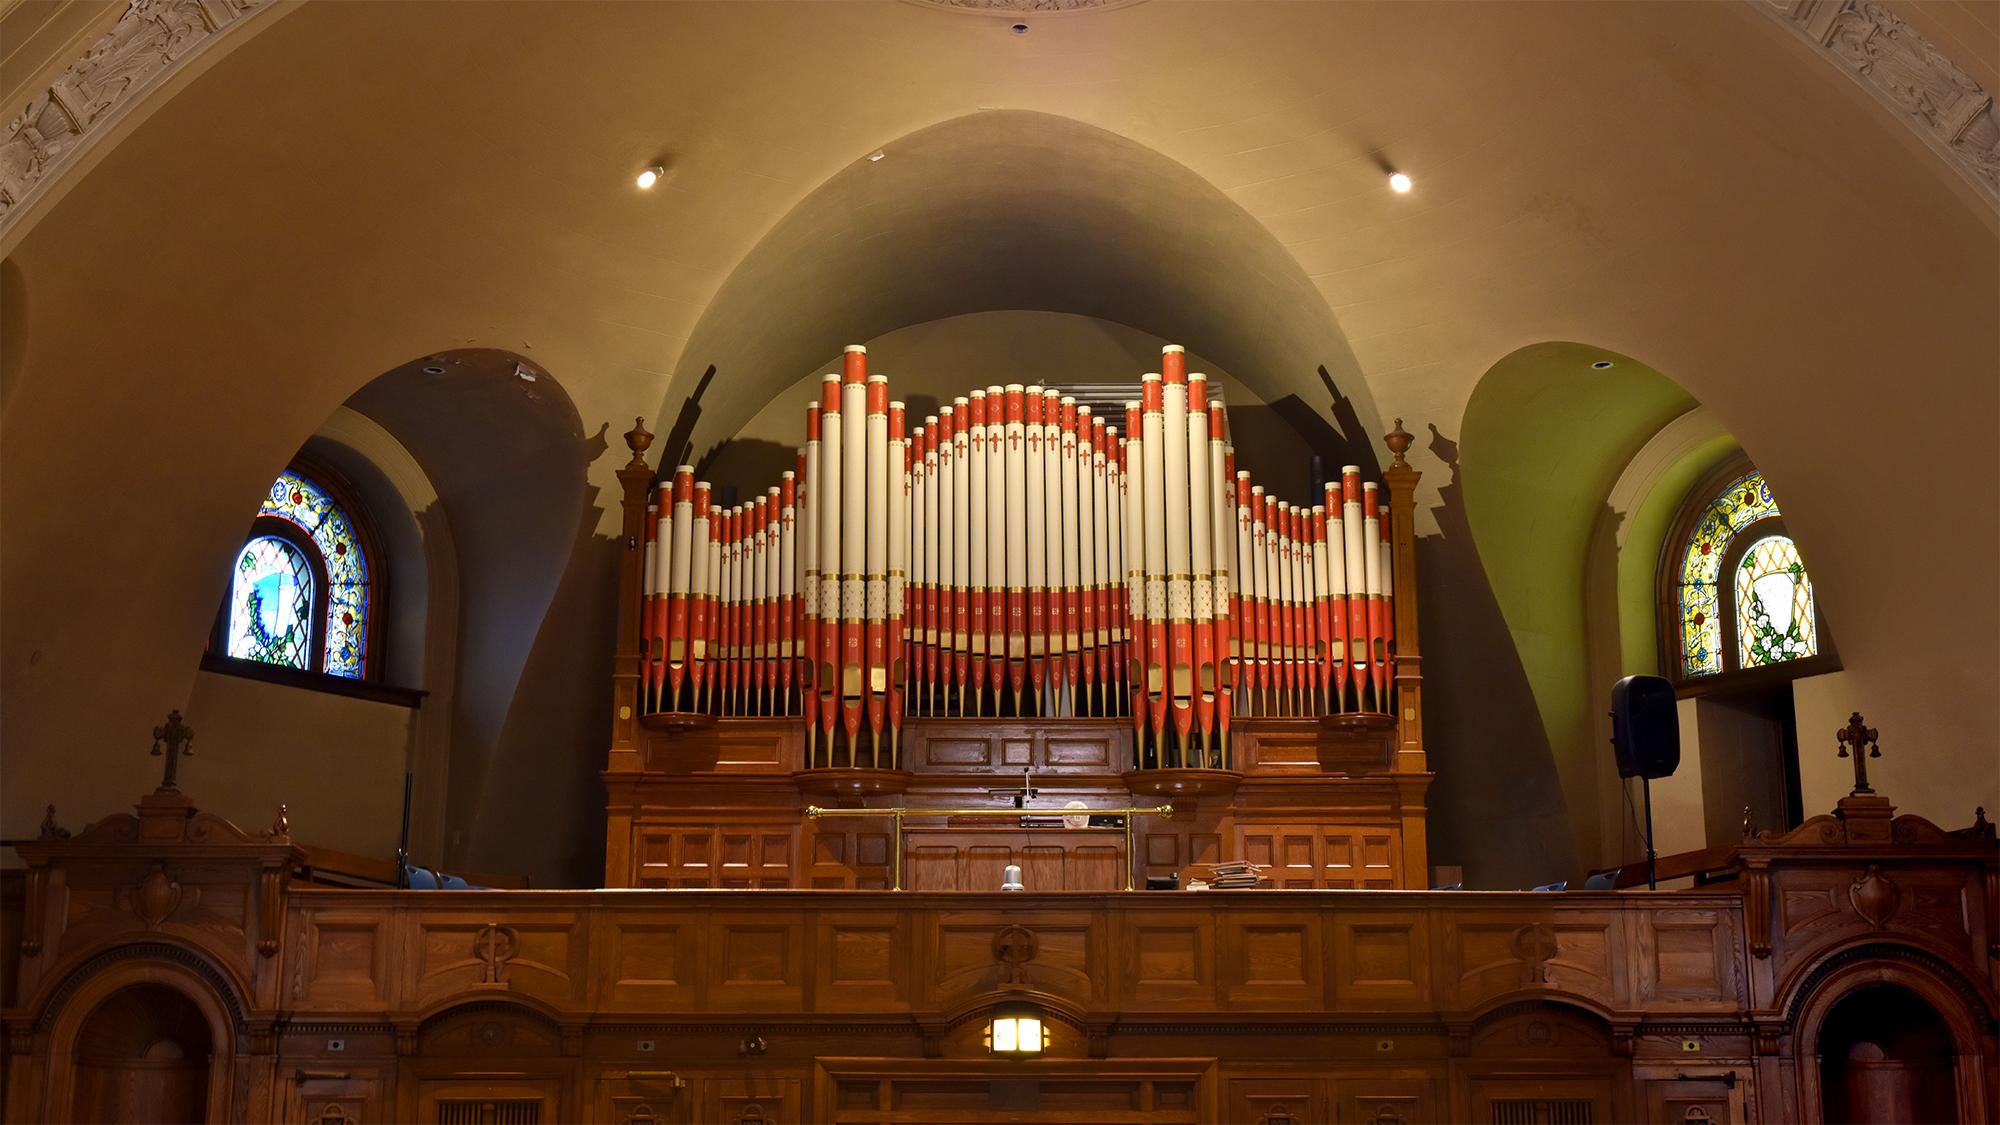 A Centenarian Organ